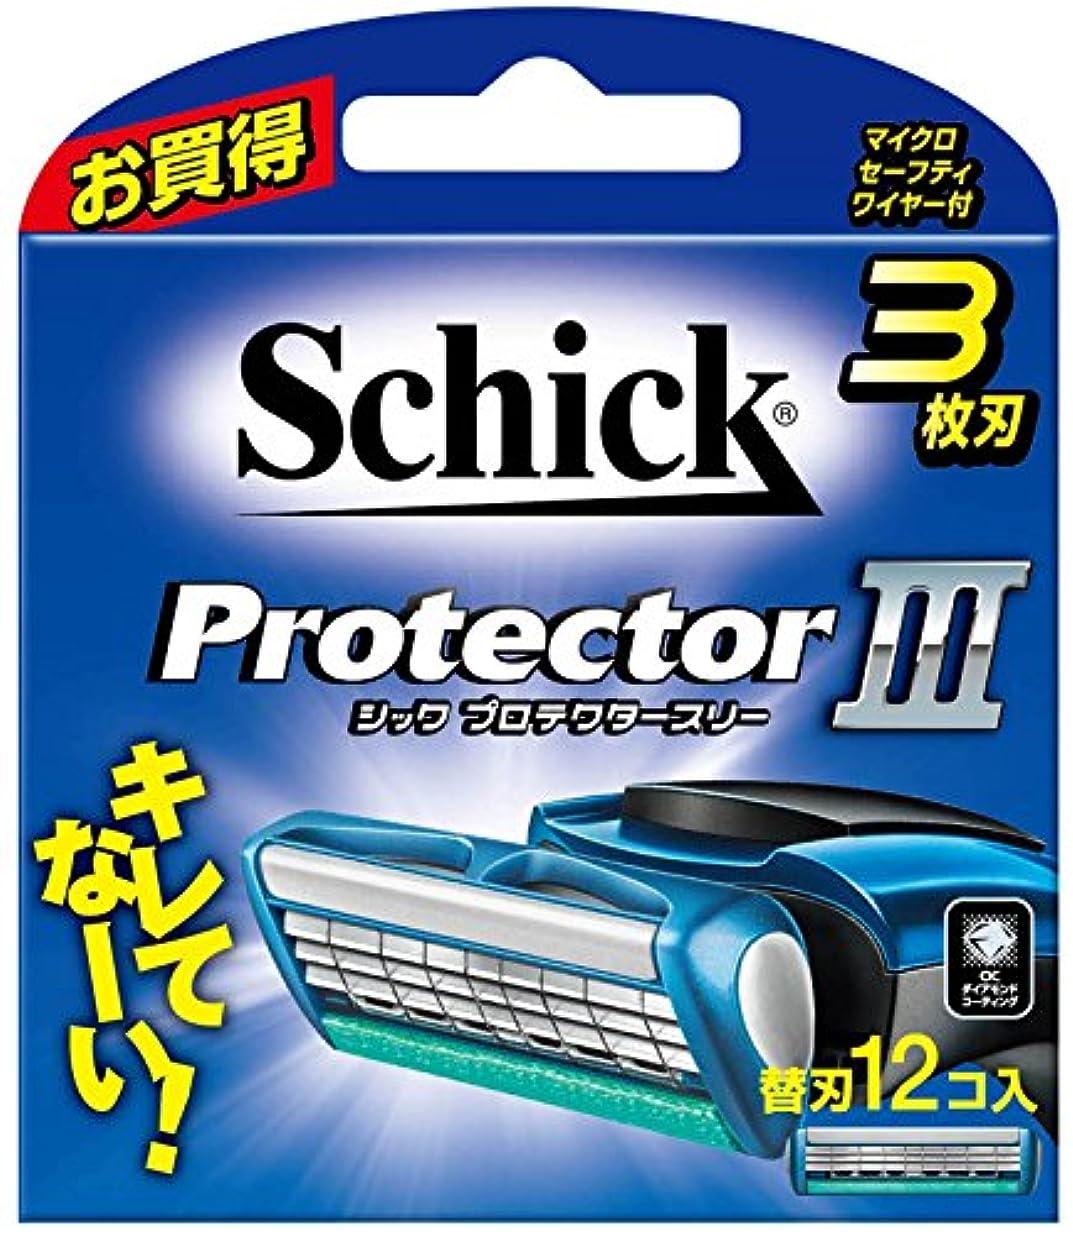 予言する累積ぬるいシック Schick プロテクタースリー 3枚刃 替刃 (12コ入)